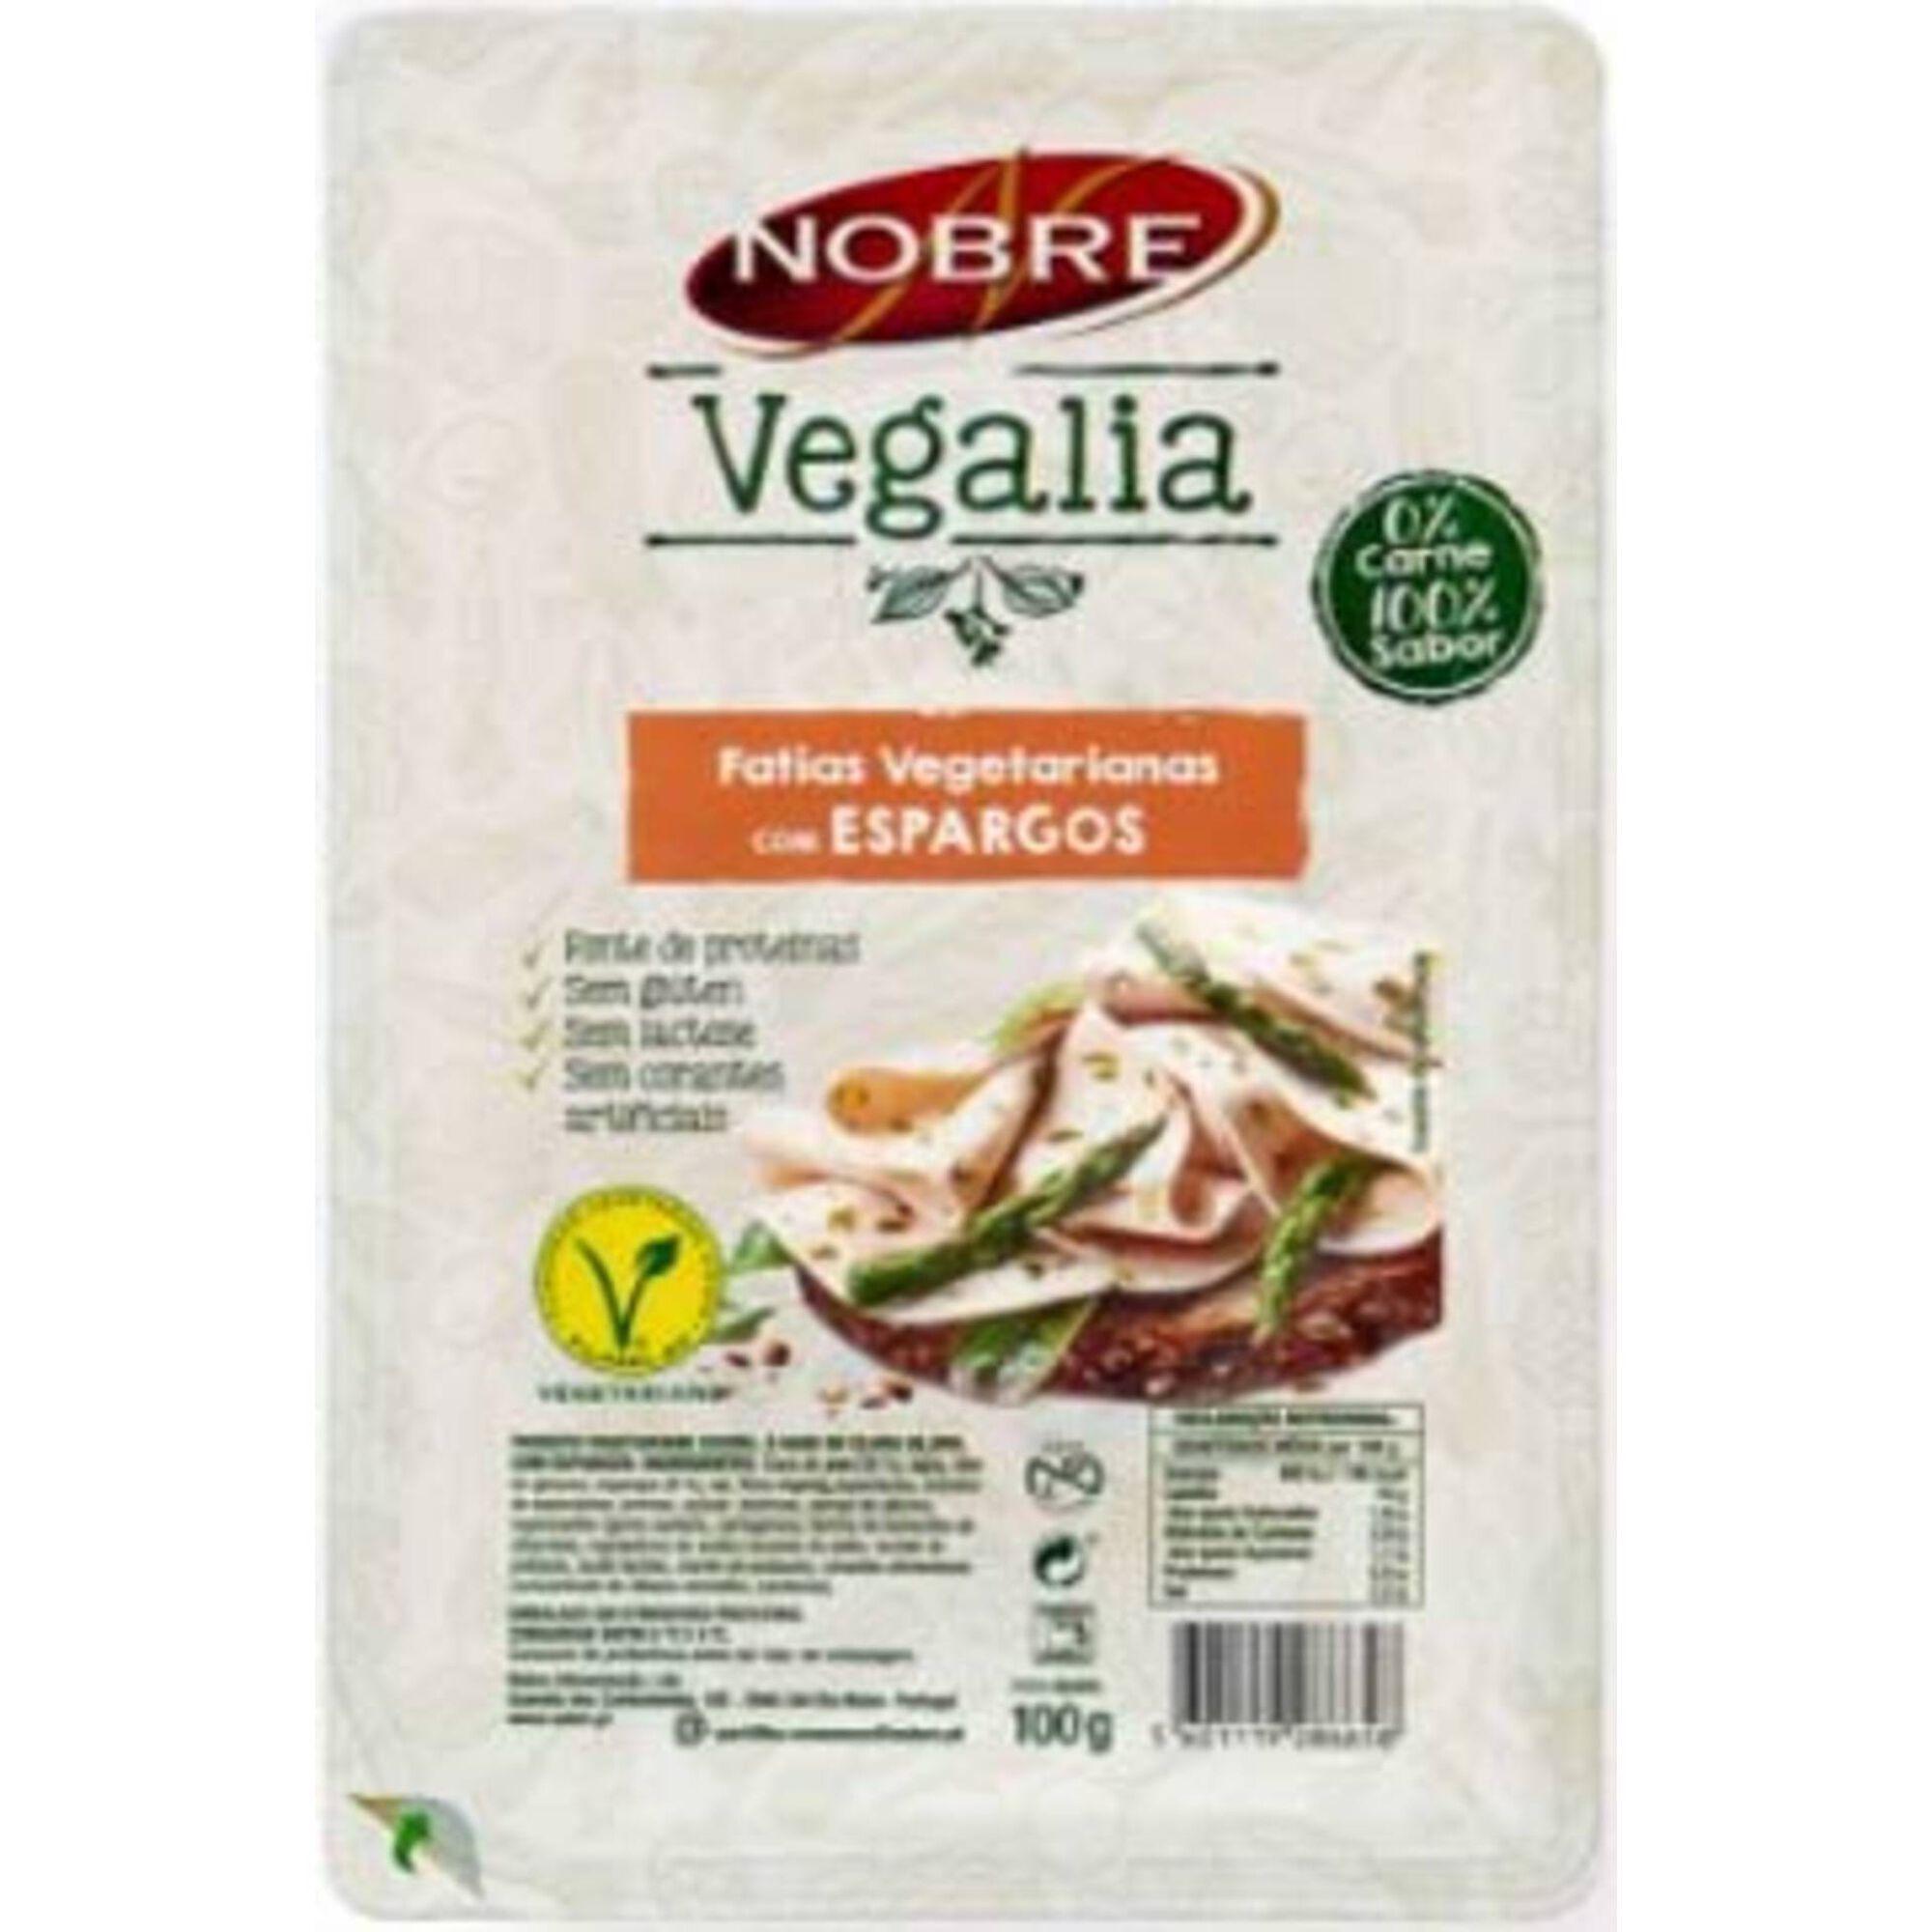 Fatias Vegetarianas com Espargos, , hi-res